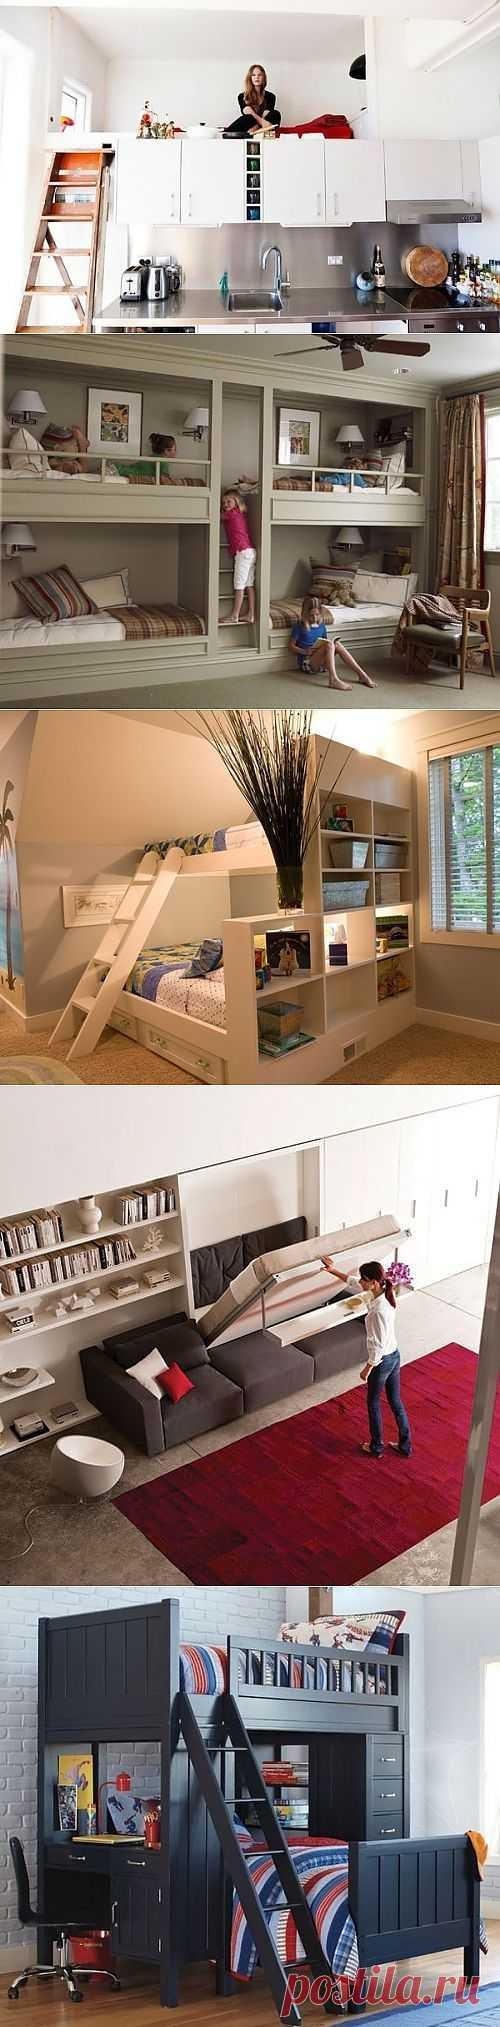 Невидимая кровать (подборка) / Спальня / Модный сайт о стильной переделке одежды и интерьера